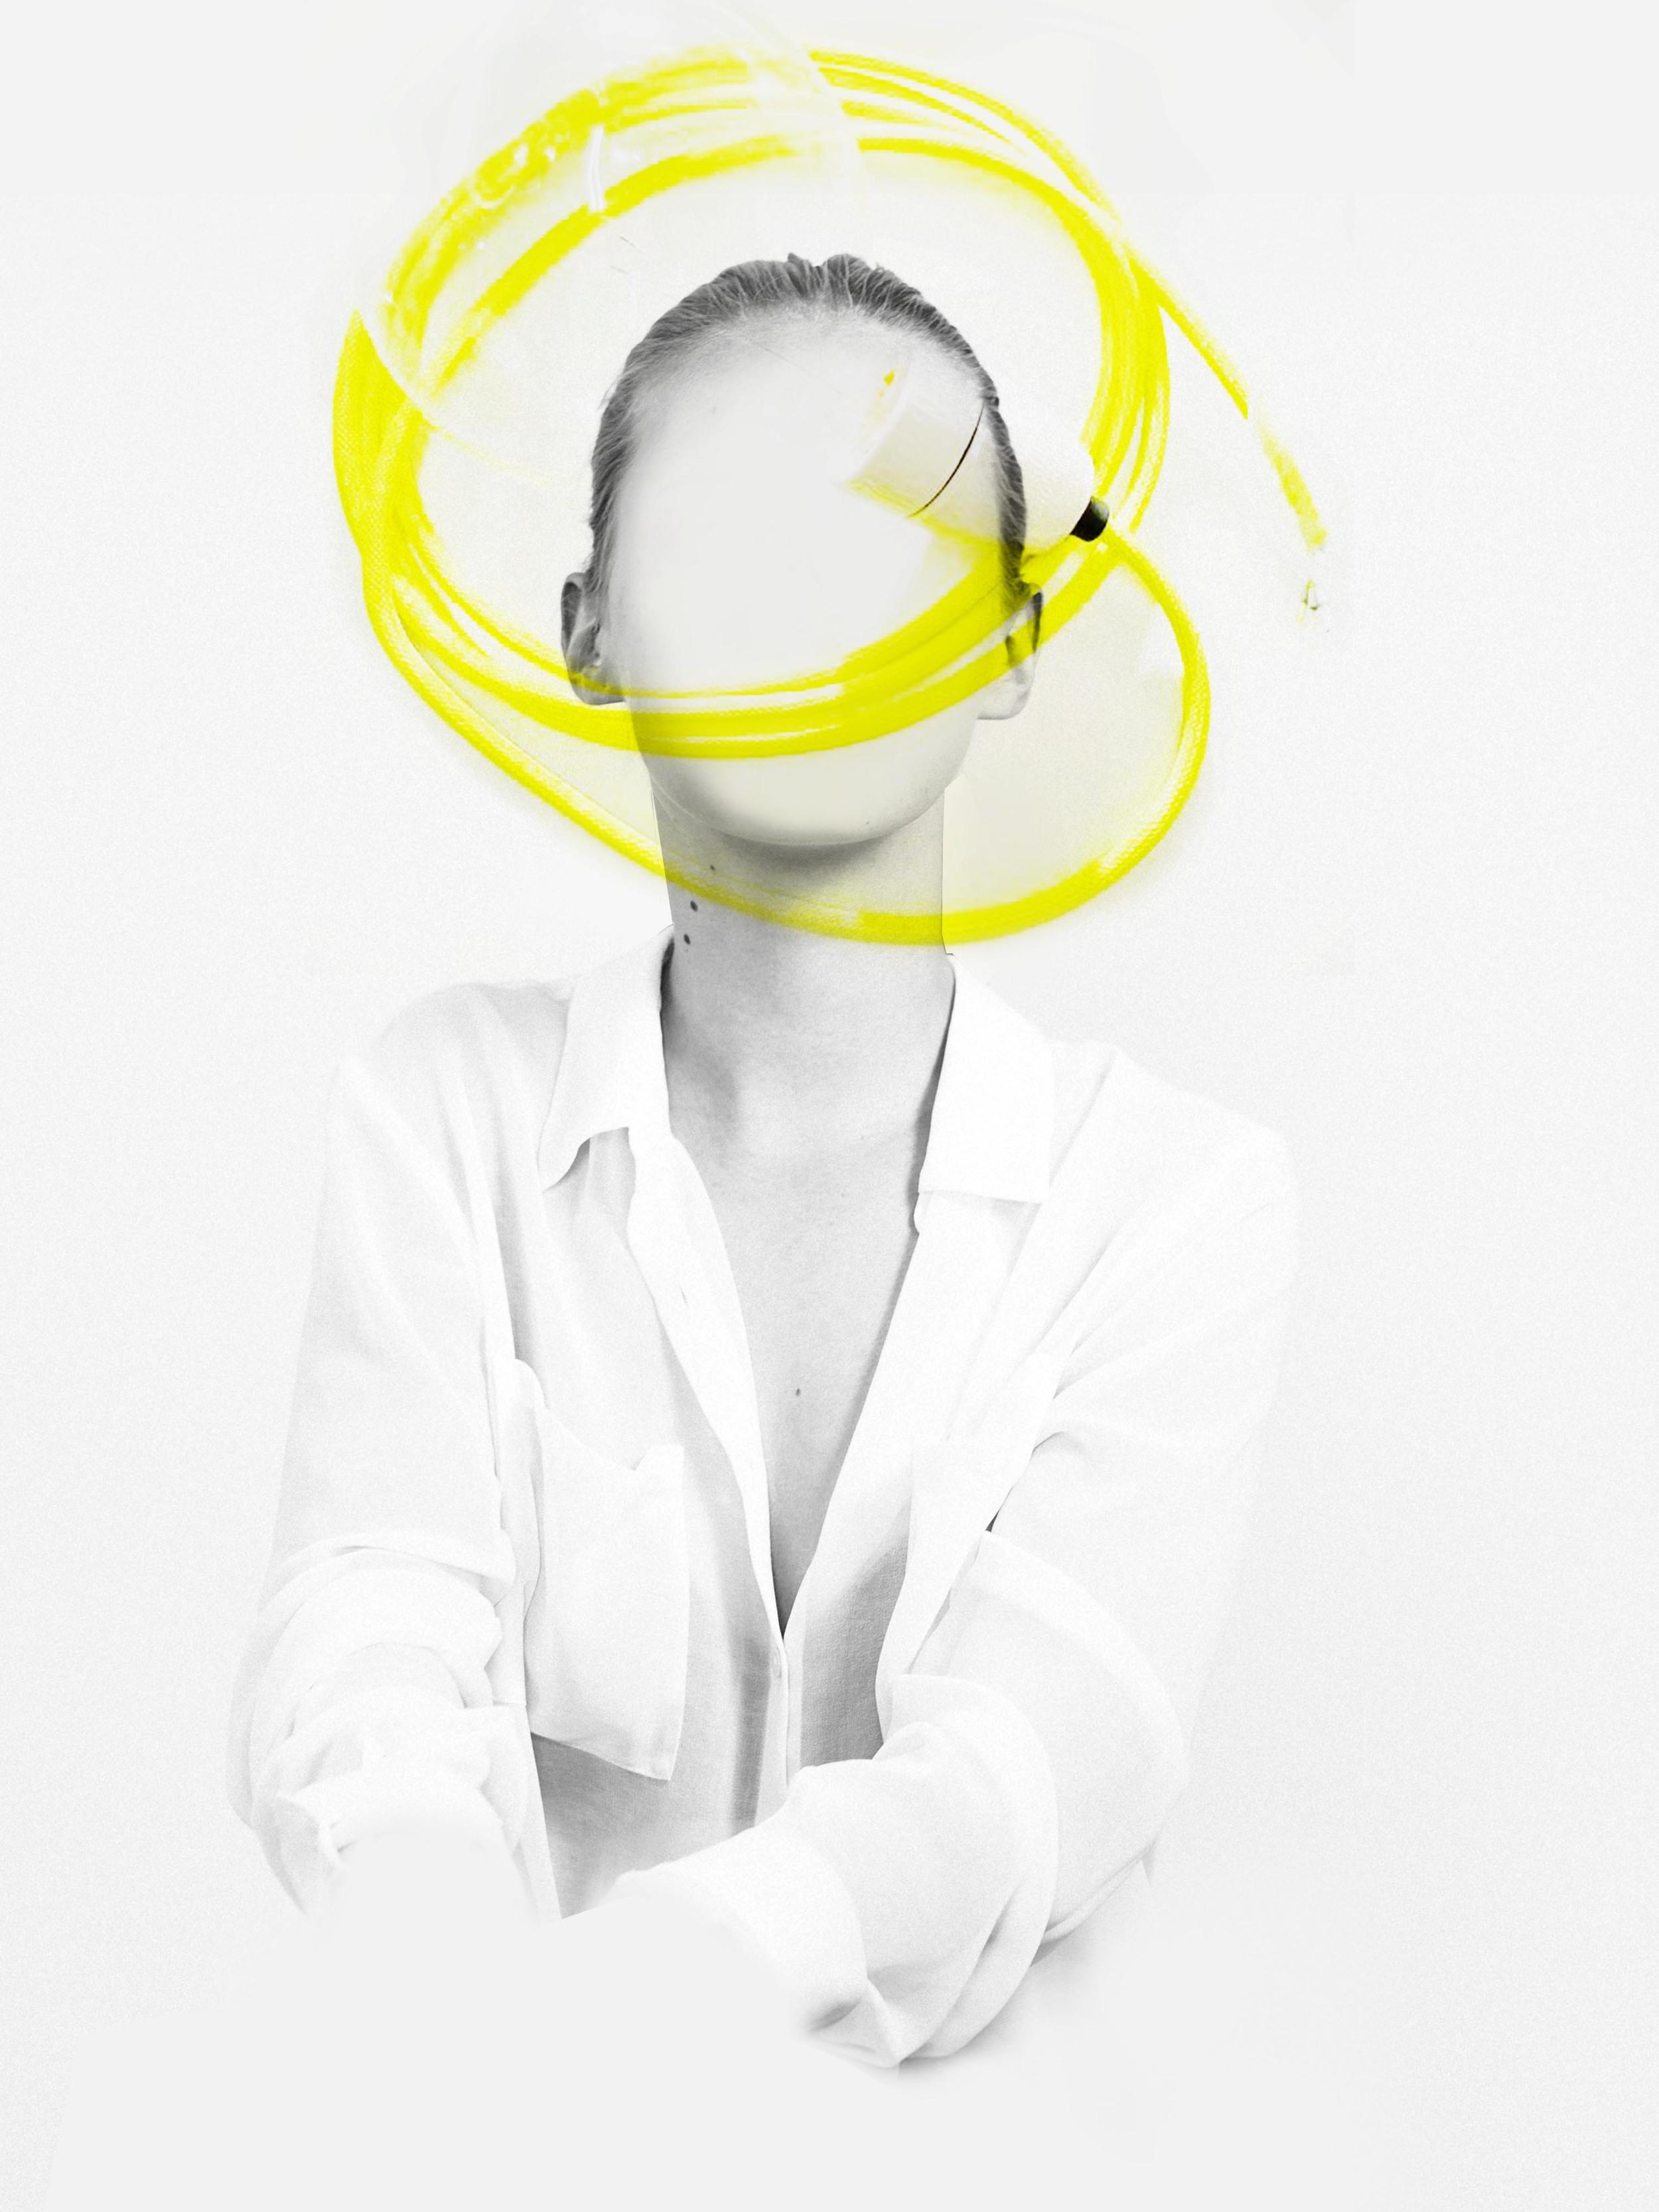 whiteface_erased.jpg